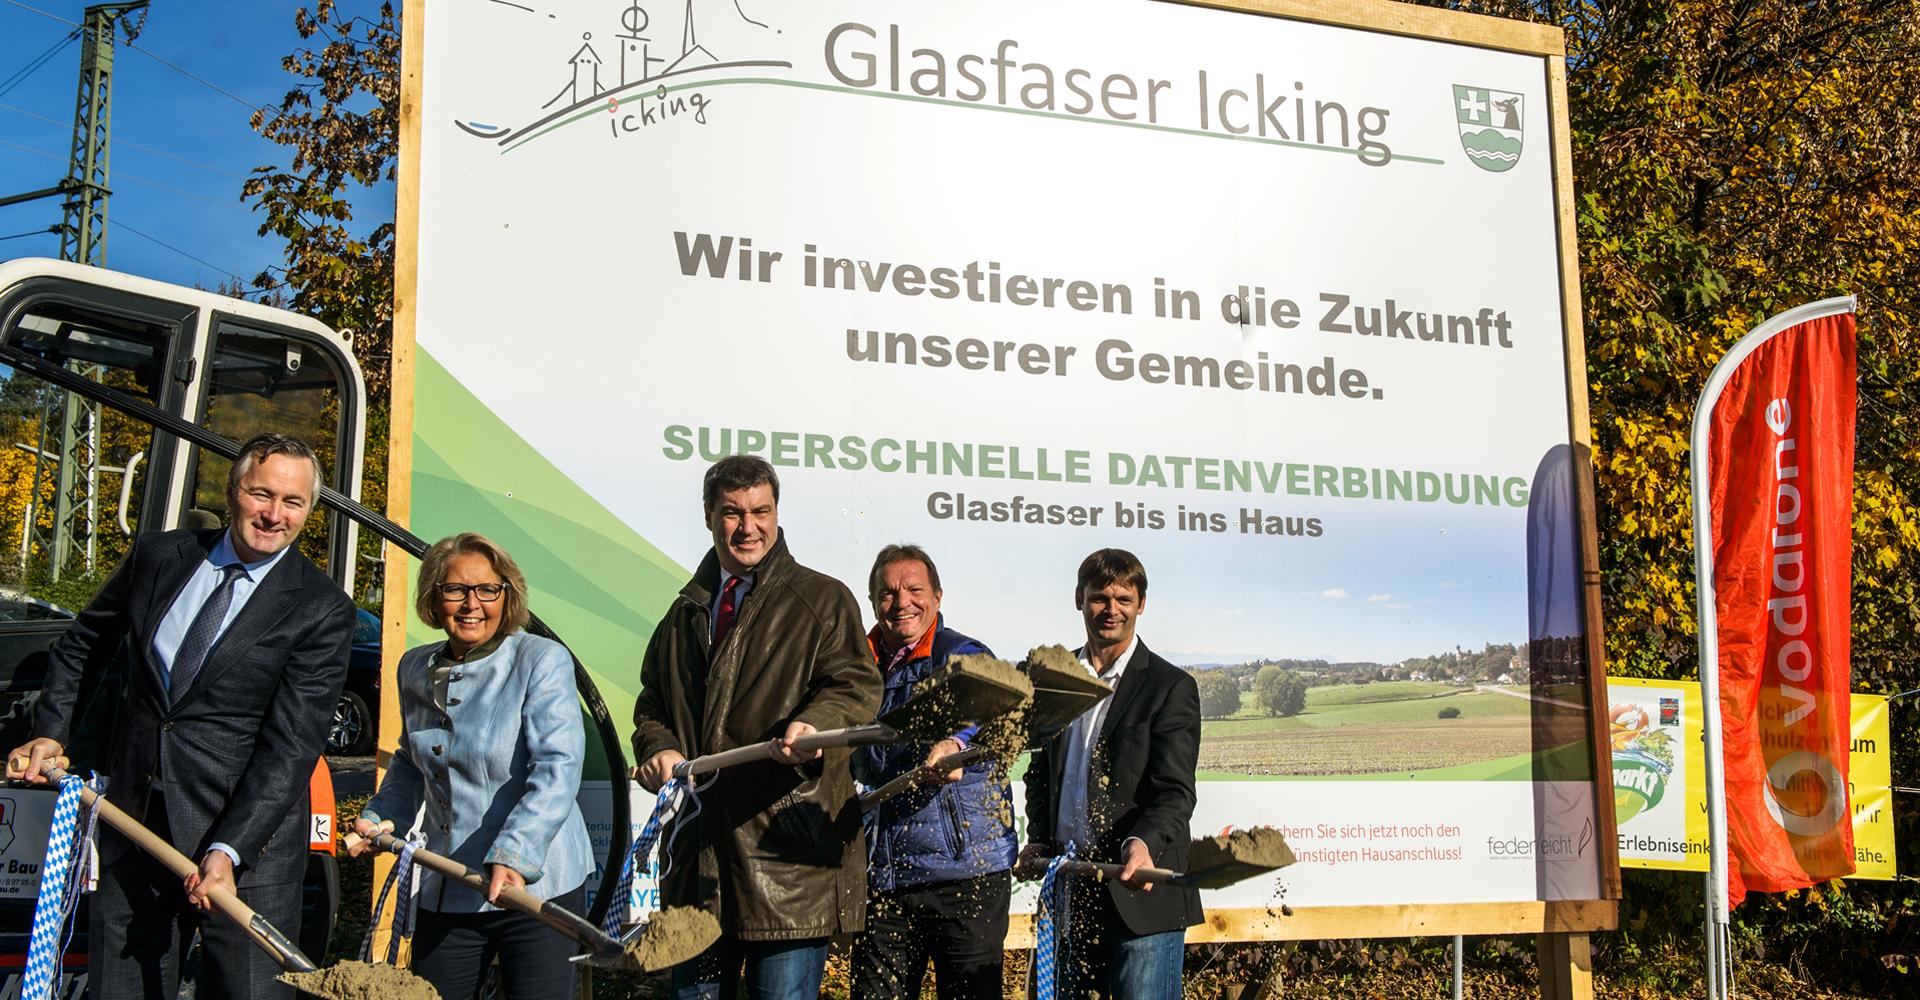 glasfaser_icking_1